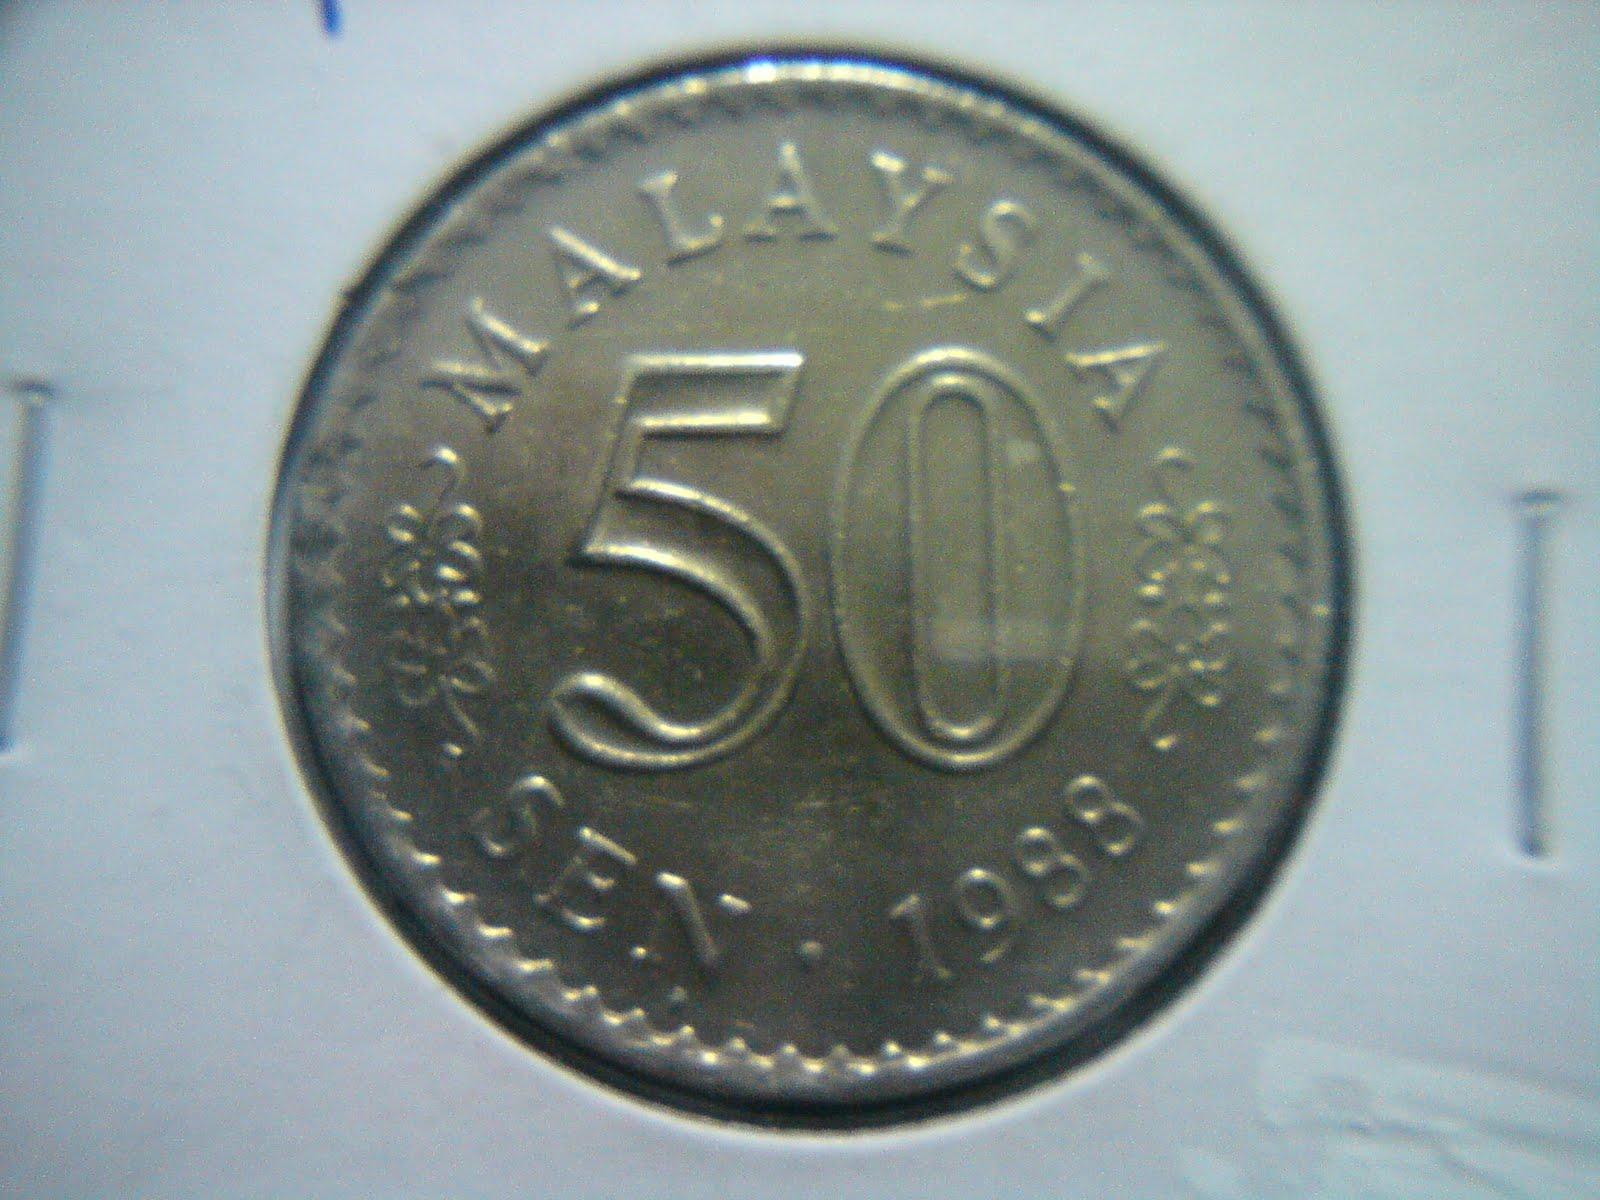 Ins token coinmarket malaysia : Dimcoin price in inr health